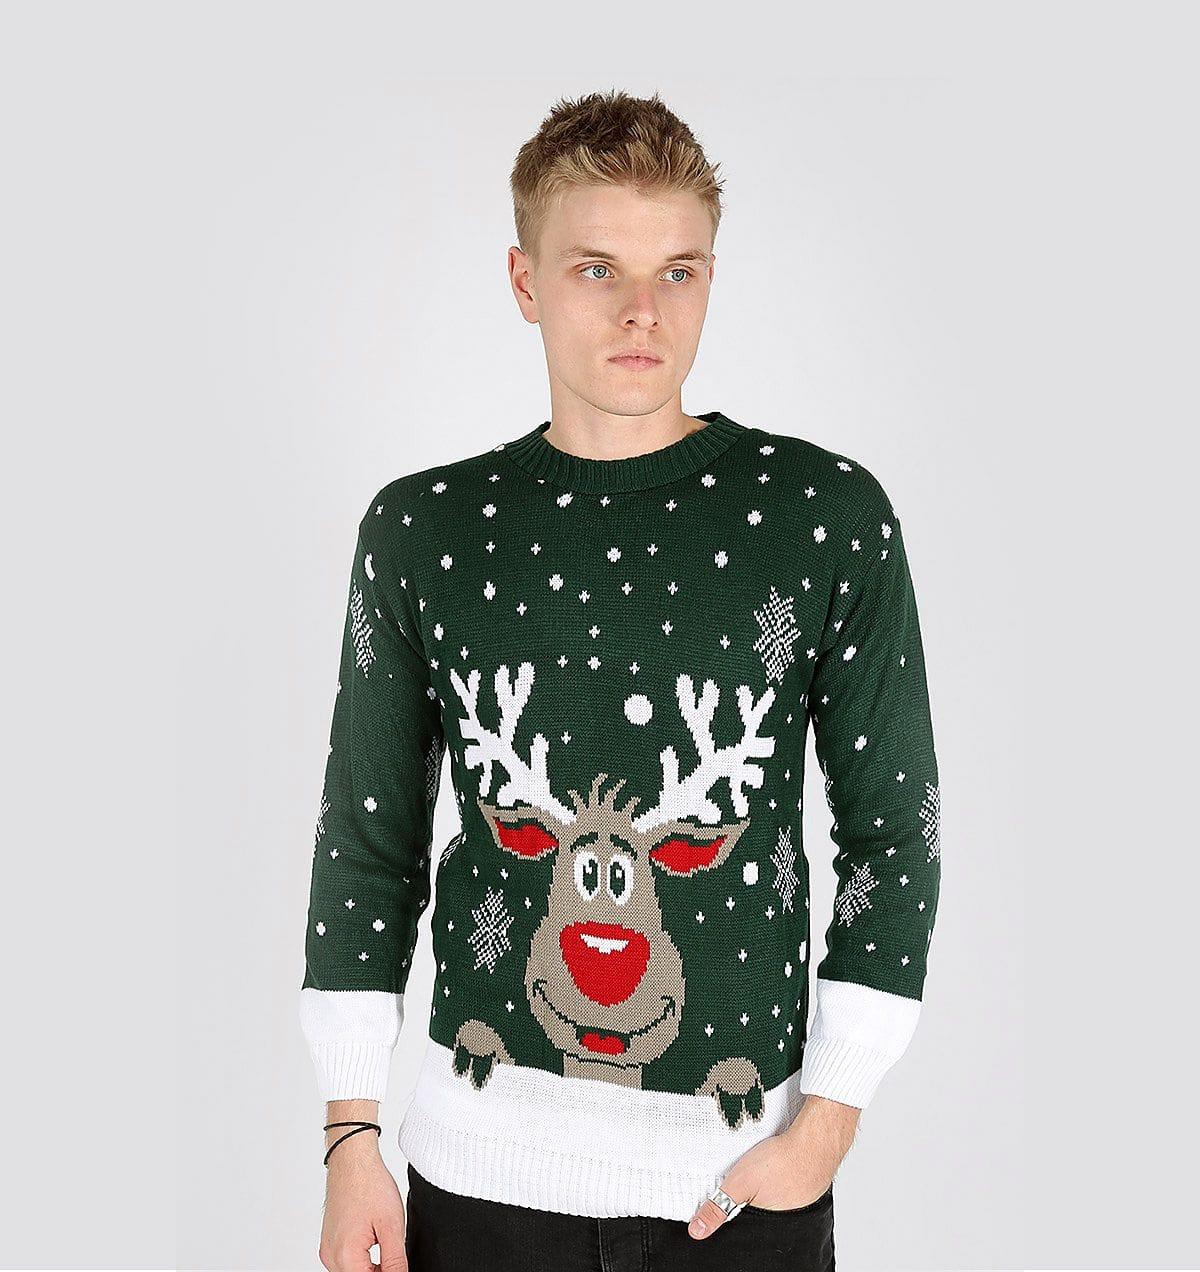 579676ee92d Свитер с прикольным принтом нравится многим мужчинам Мужской свитер с  оленями на новогоднюю тематику весьма популярен в период зимних праздников